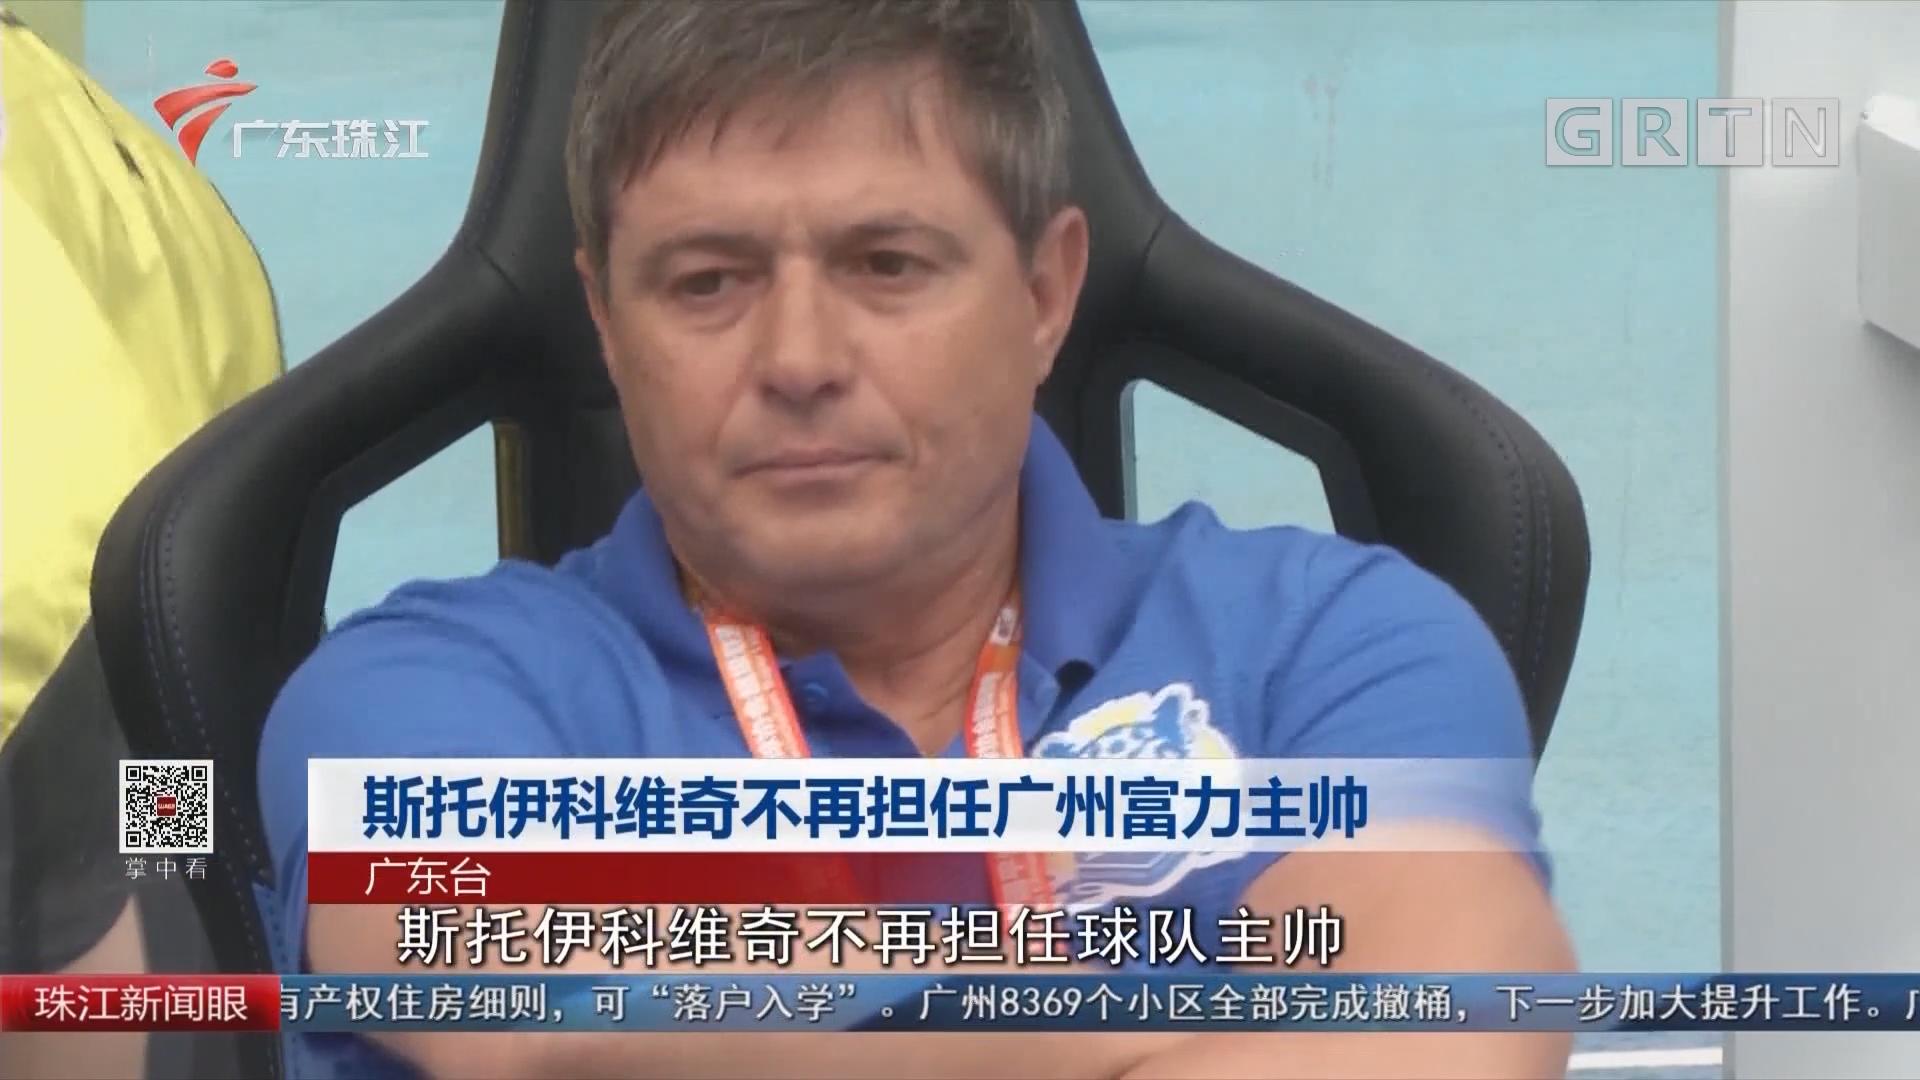 斯托伊科维奇不再担任广州富力主帅